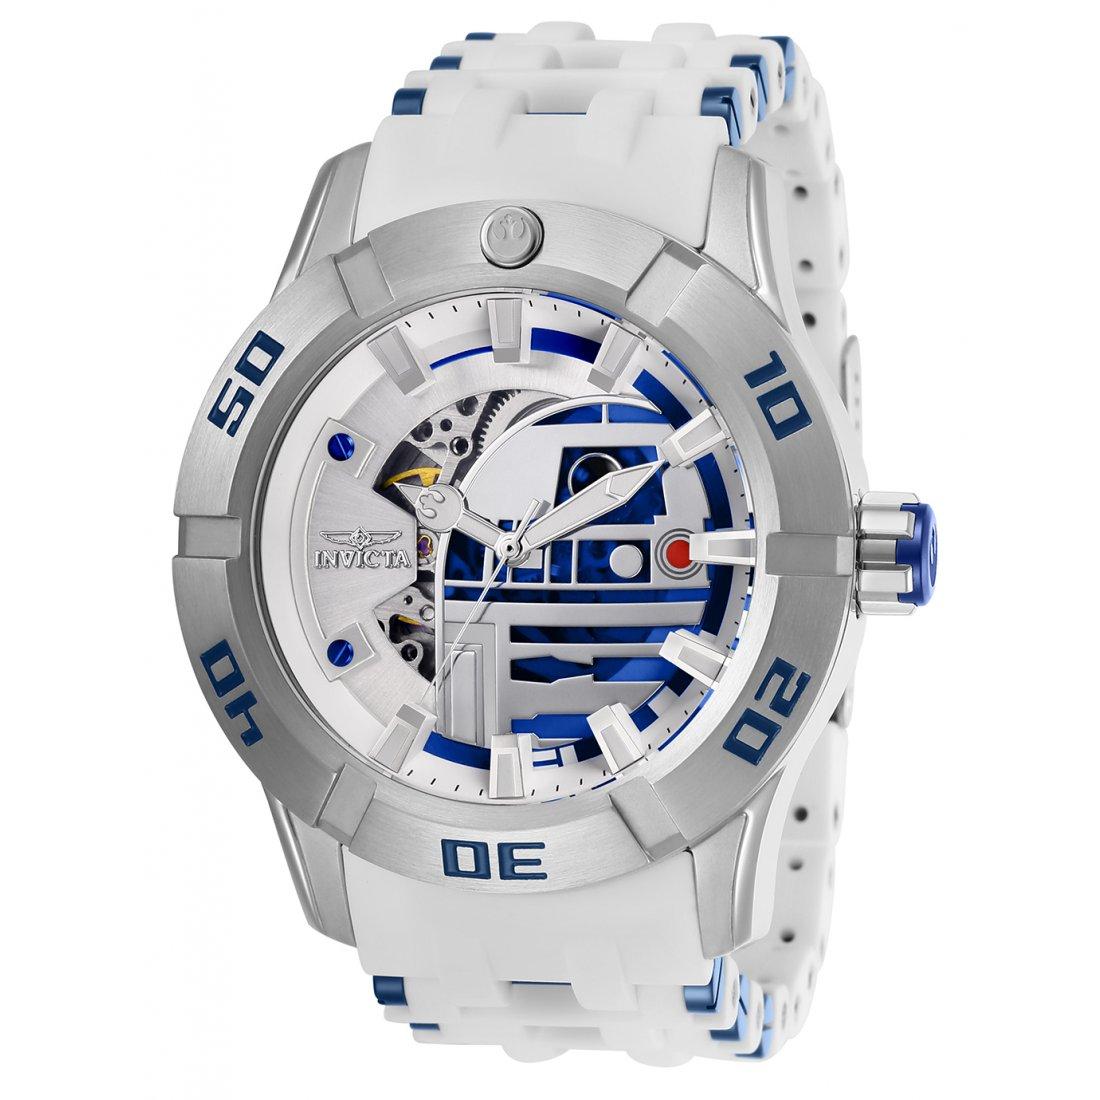 Invicta Star Wars 26553 Anny van Buul Juweliers Horloges